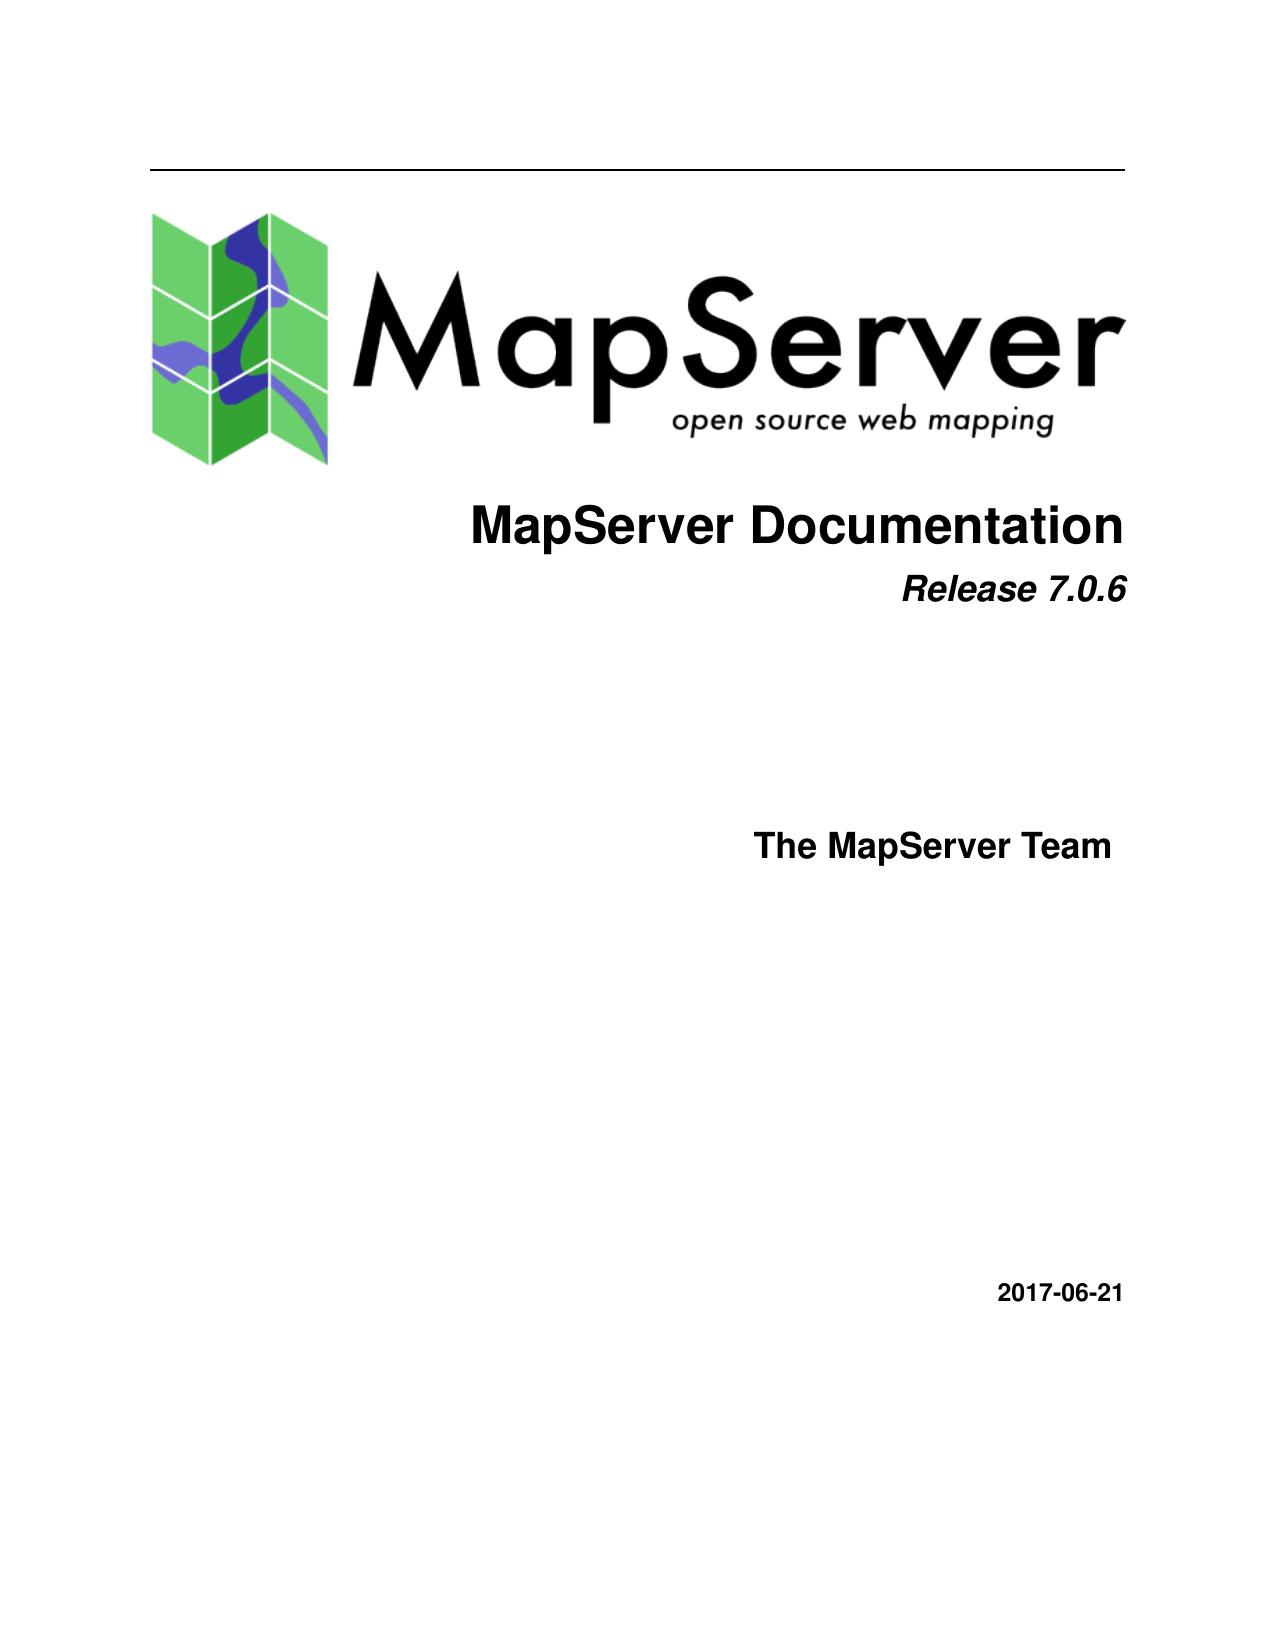 MapServer Documentation | manualzz com